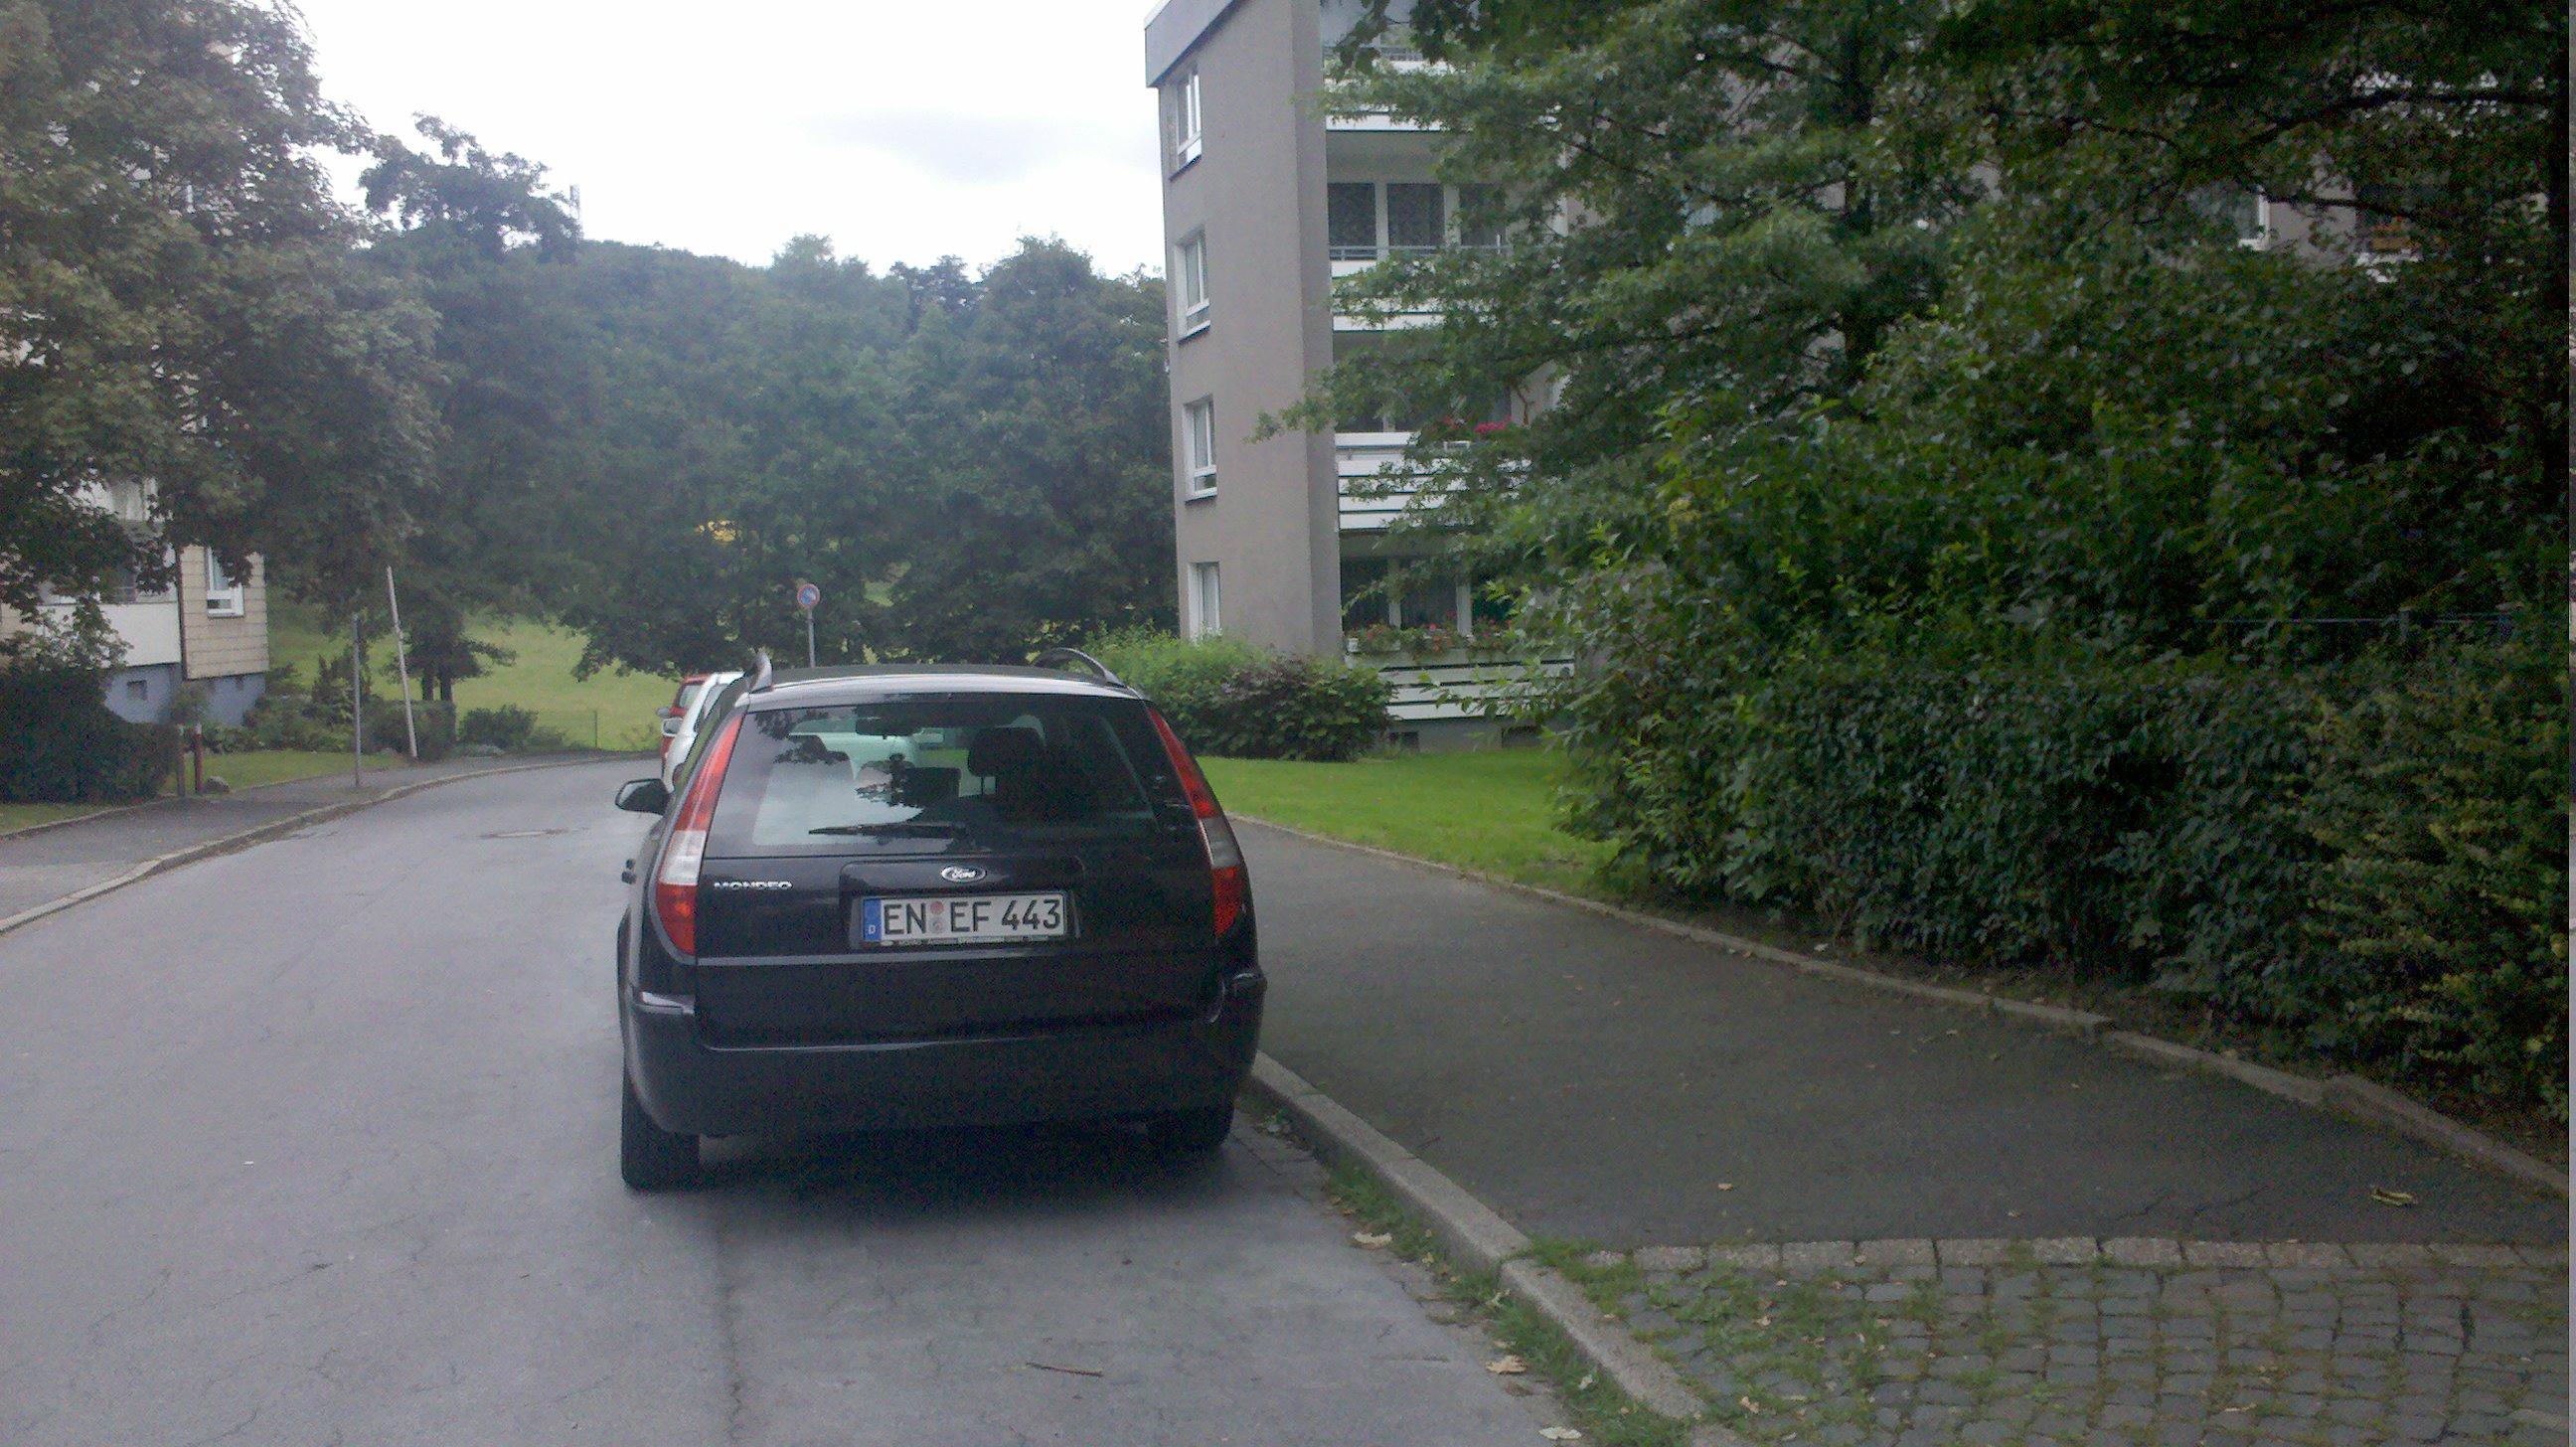 deutschland dating Witten